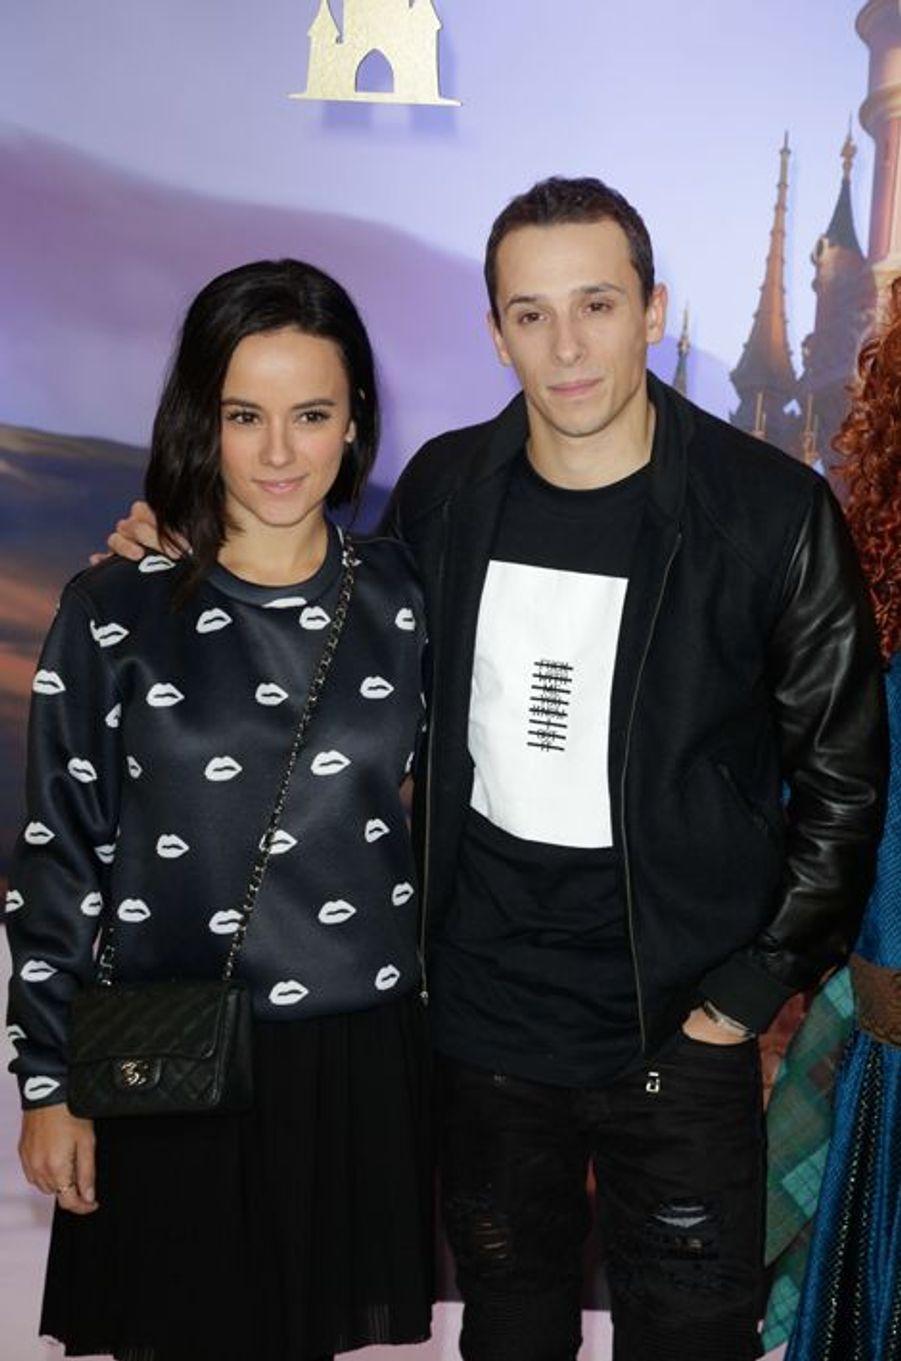 Alizée et Grégoire Lyonnet au lancement des festivités de Noël à Disneyland Paris, le 16 novembre 2014